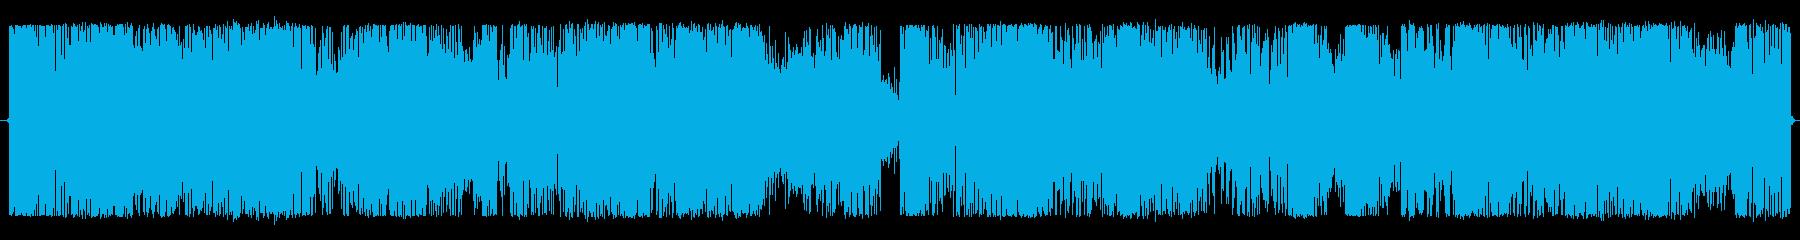 electloloopの再生済みの波形